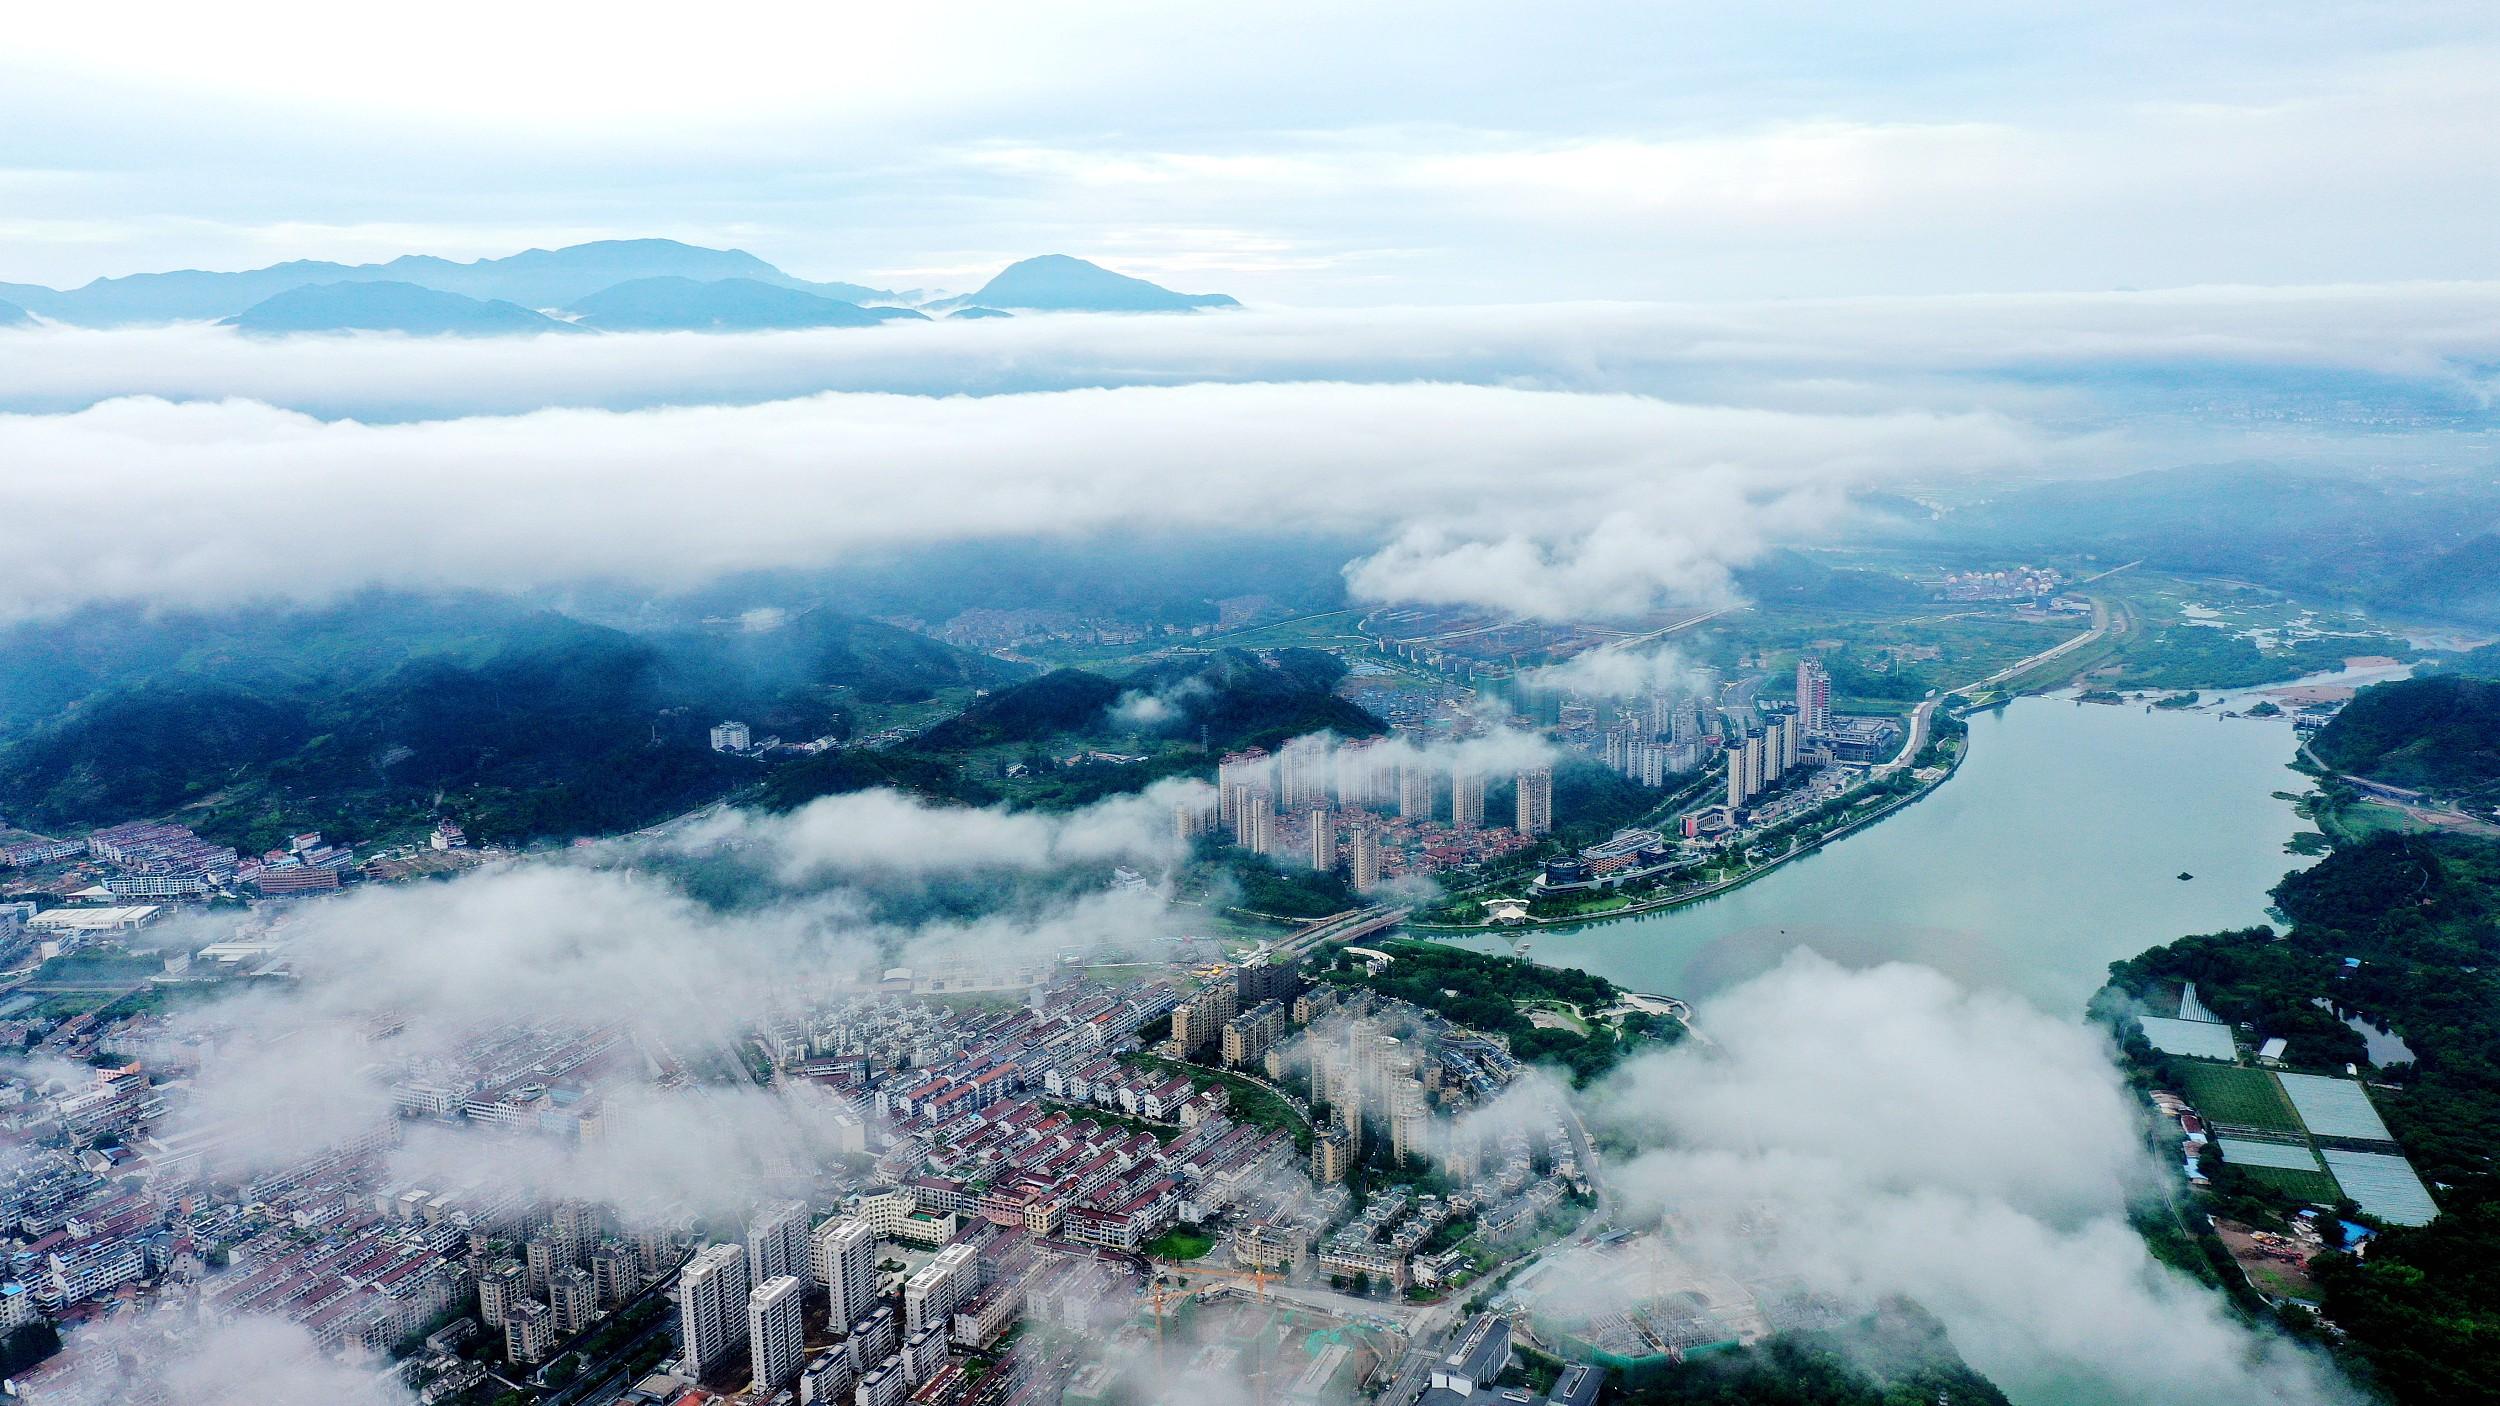 凤凰城招商主管958337浙江为共同富裕探路,从住房到城乡发展会有哪些变化?